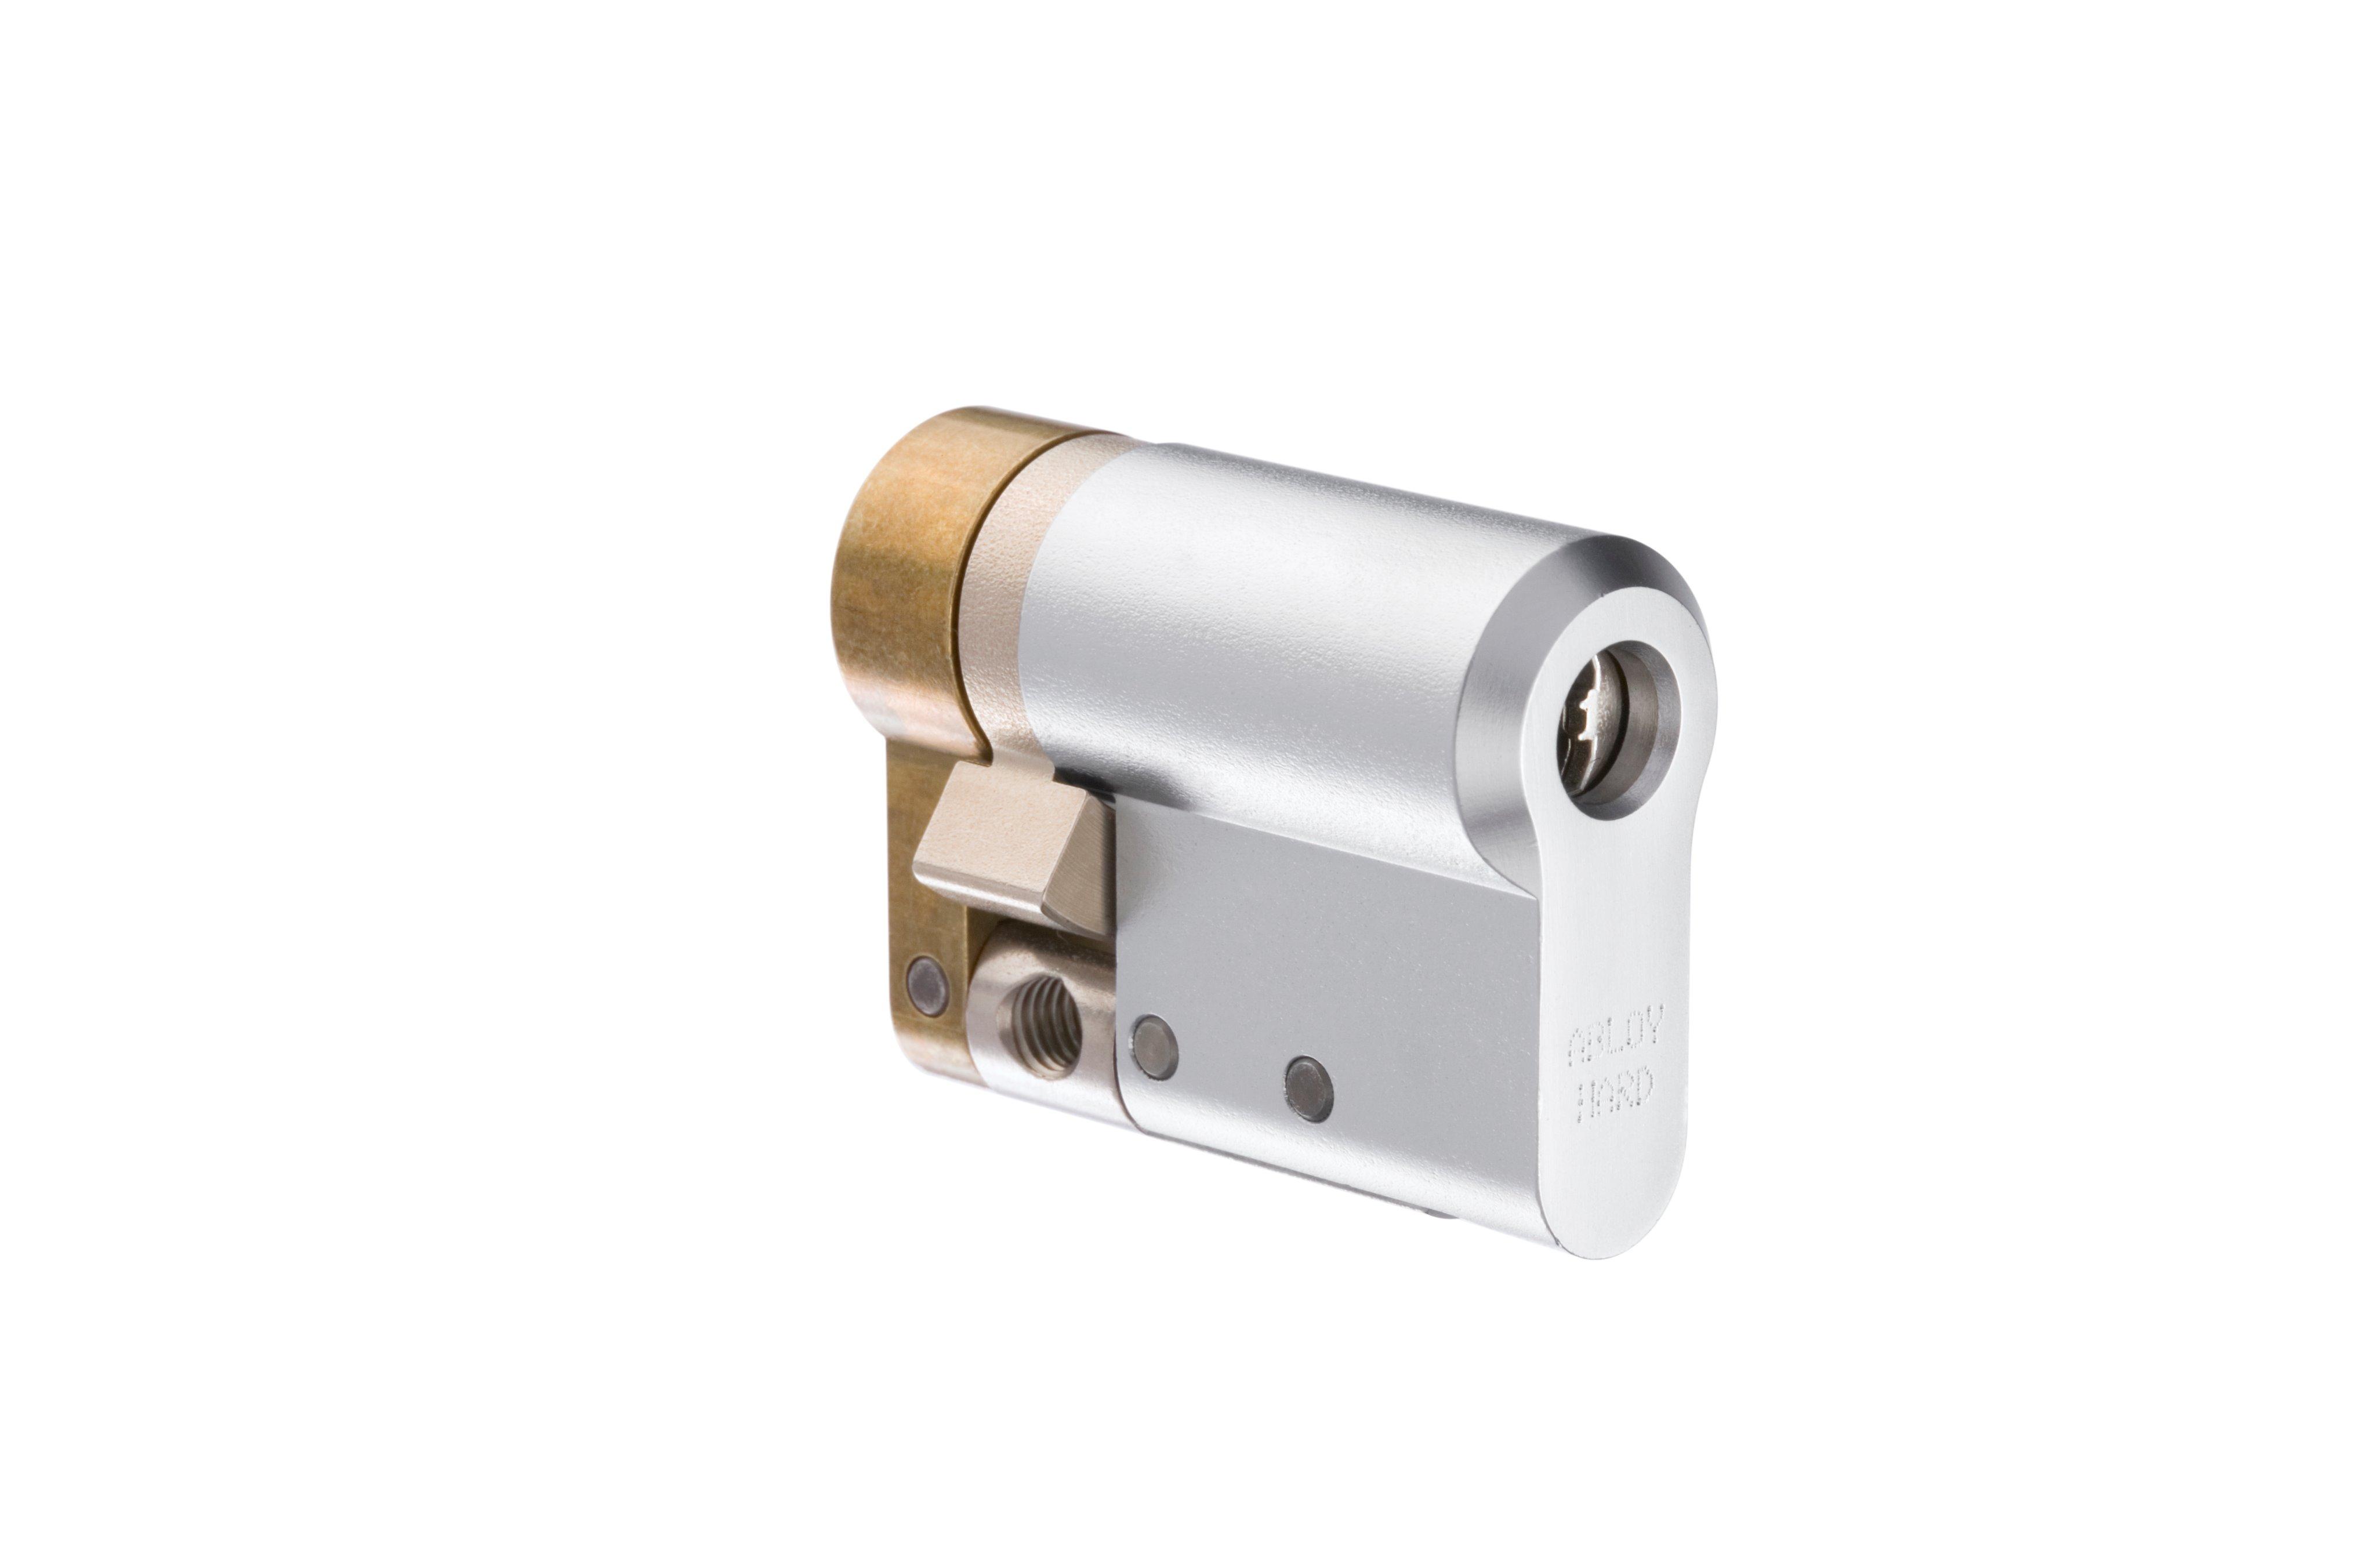 CY331 Single cylinder, hardened